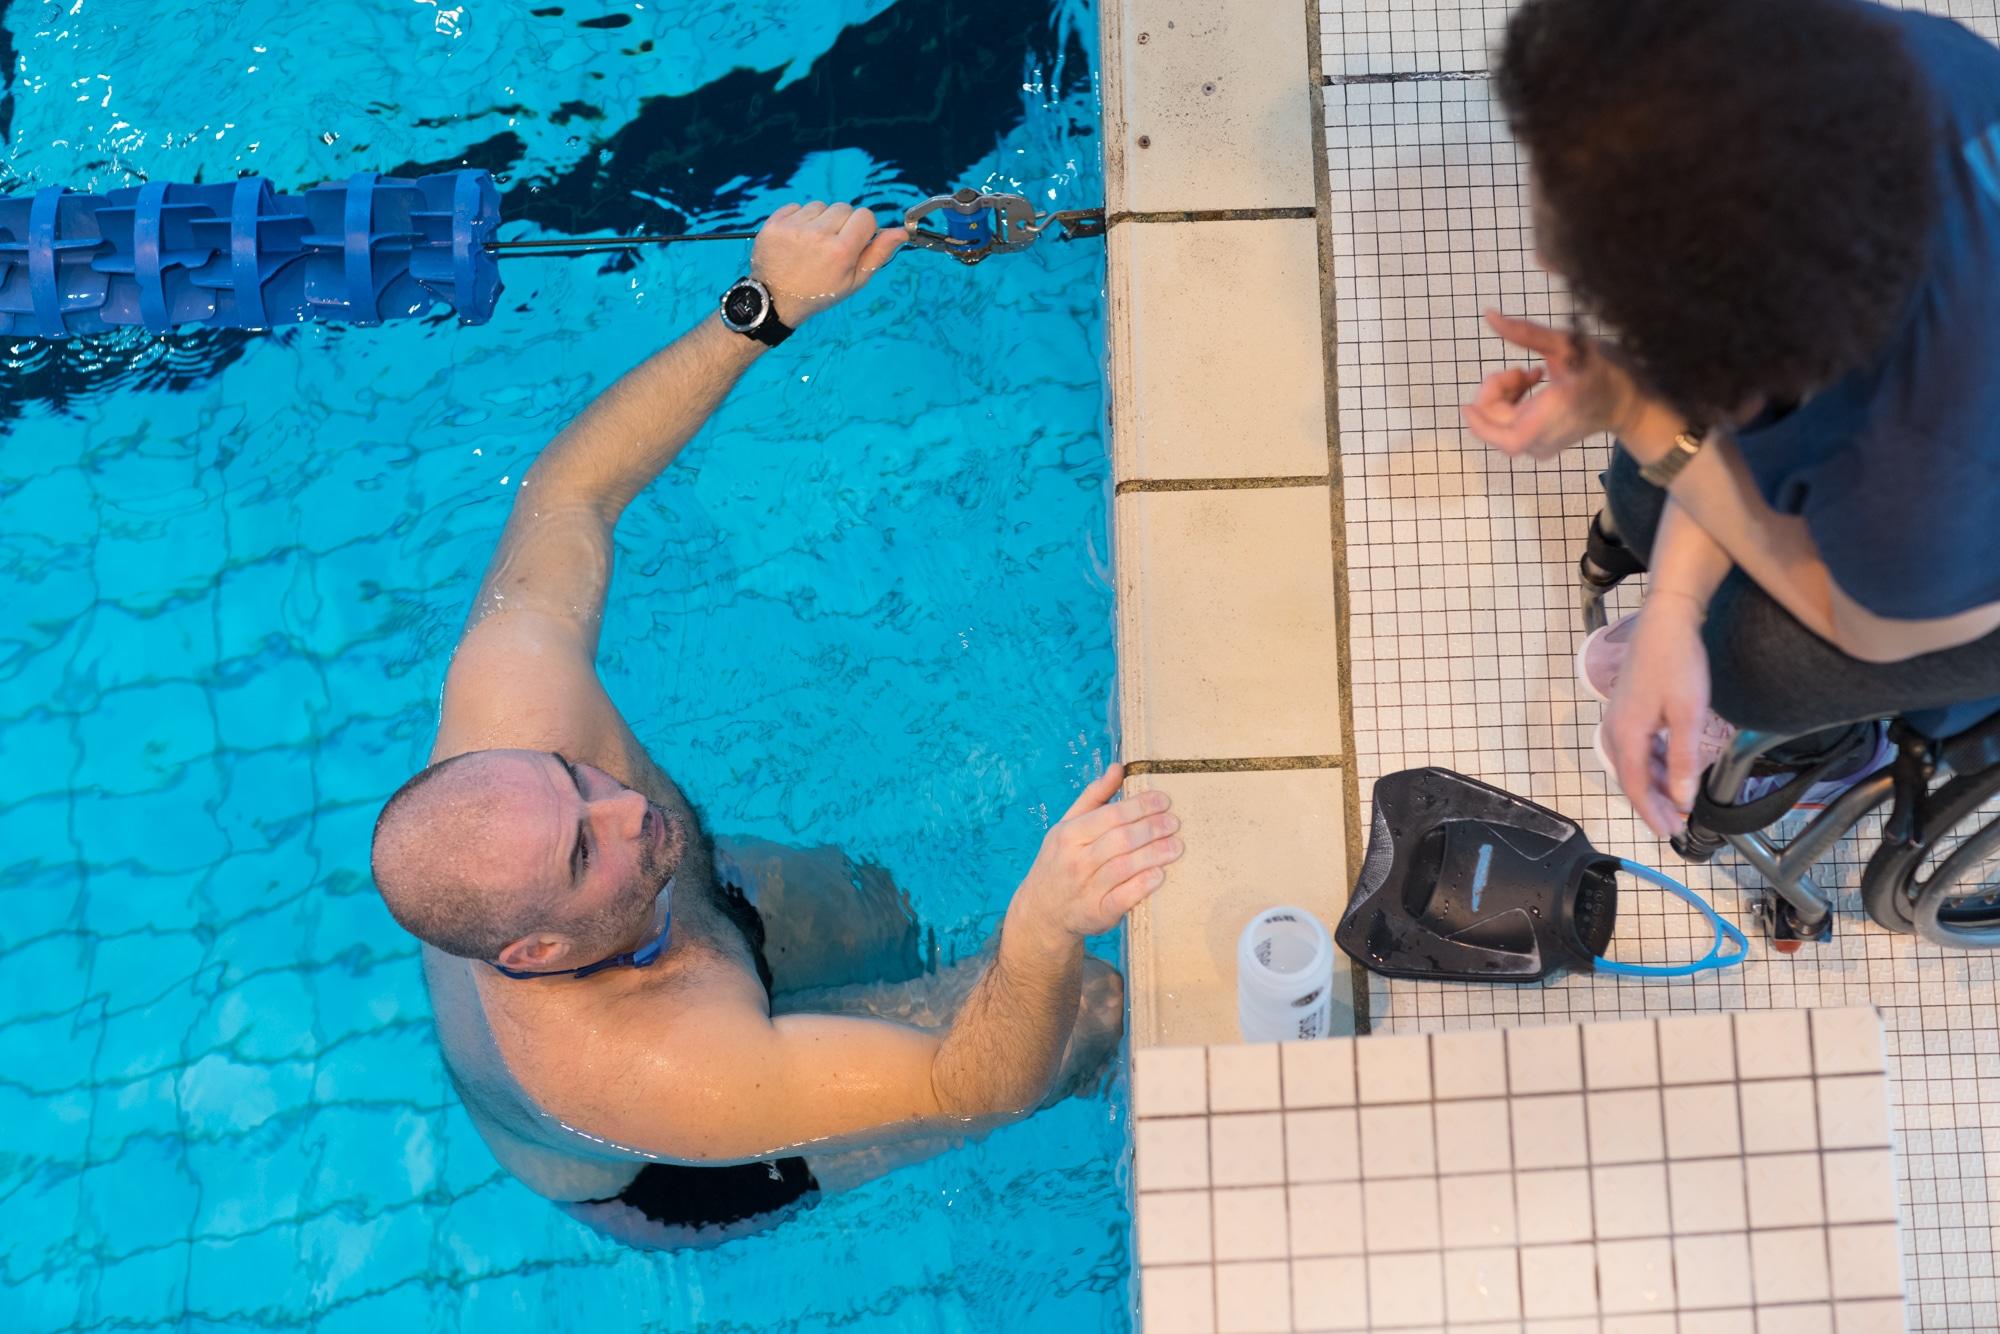 Hadda s'adresse à son élève, accroché au rebord de la piscine.